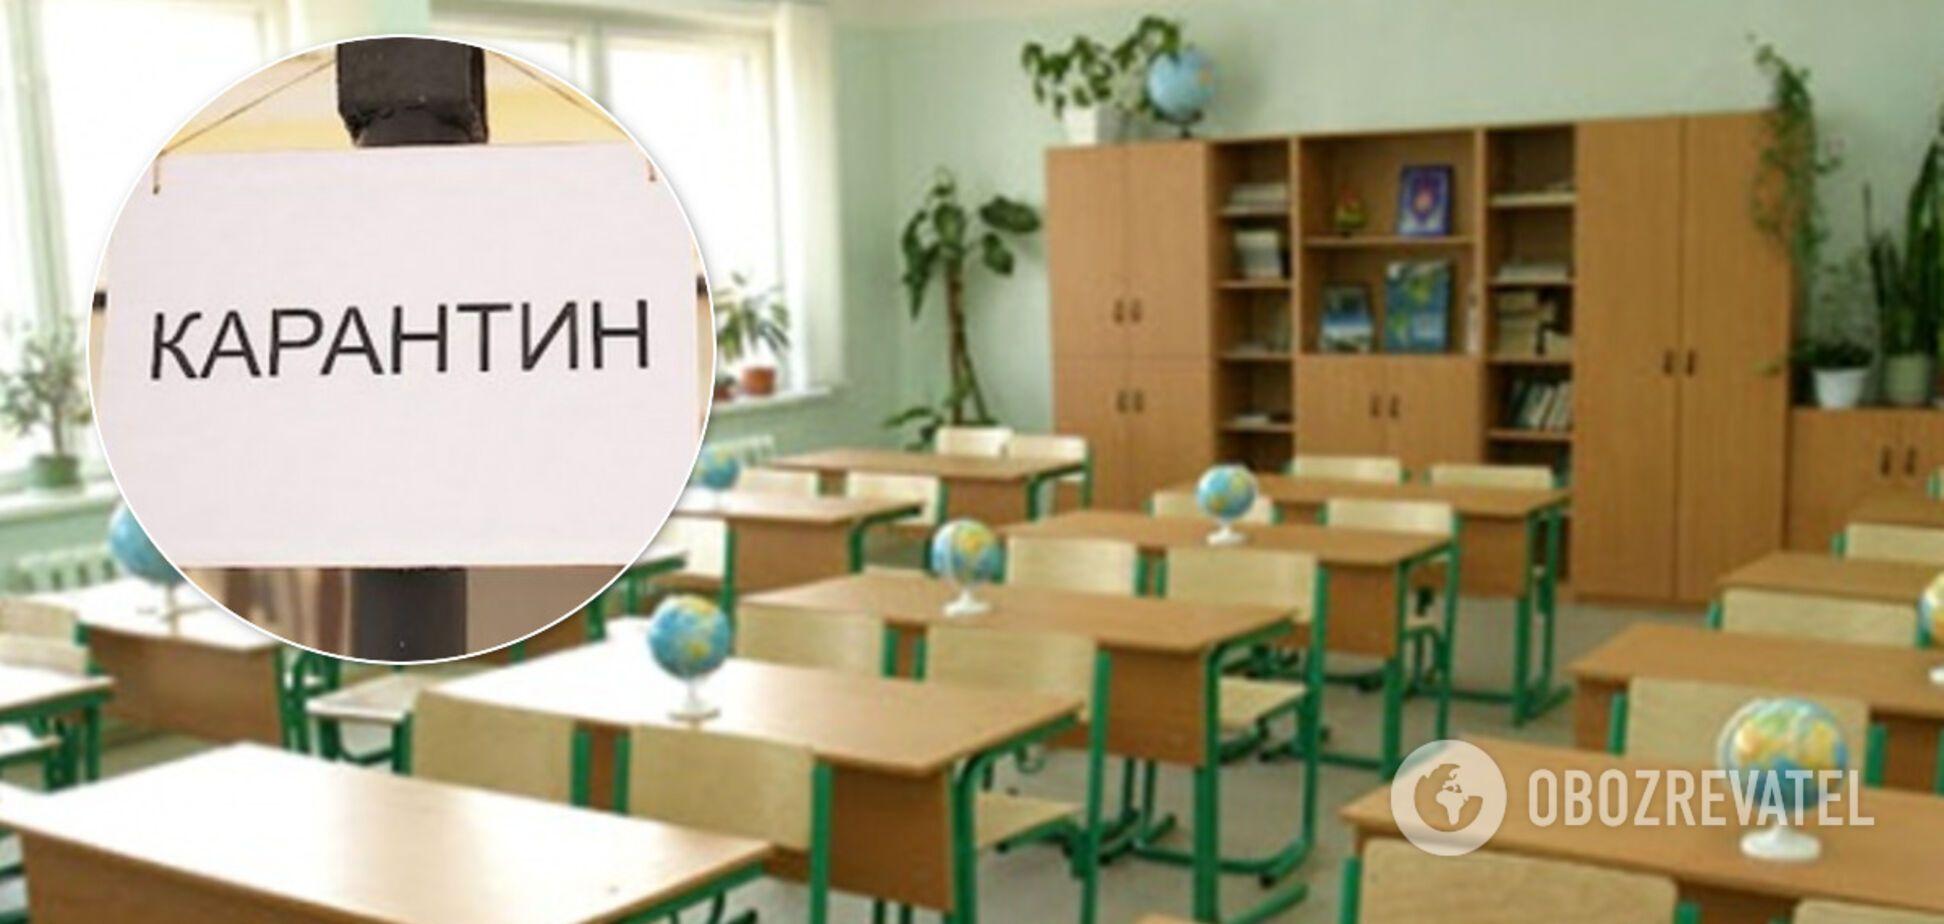 Карантин в Украине 2020: что могут запретить и как это будет